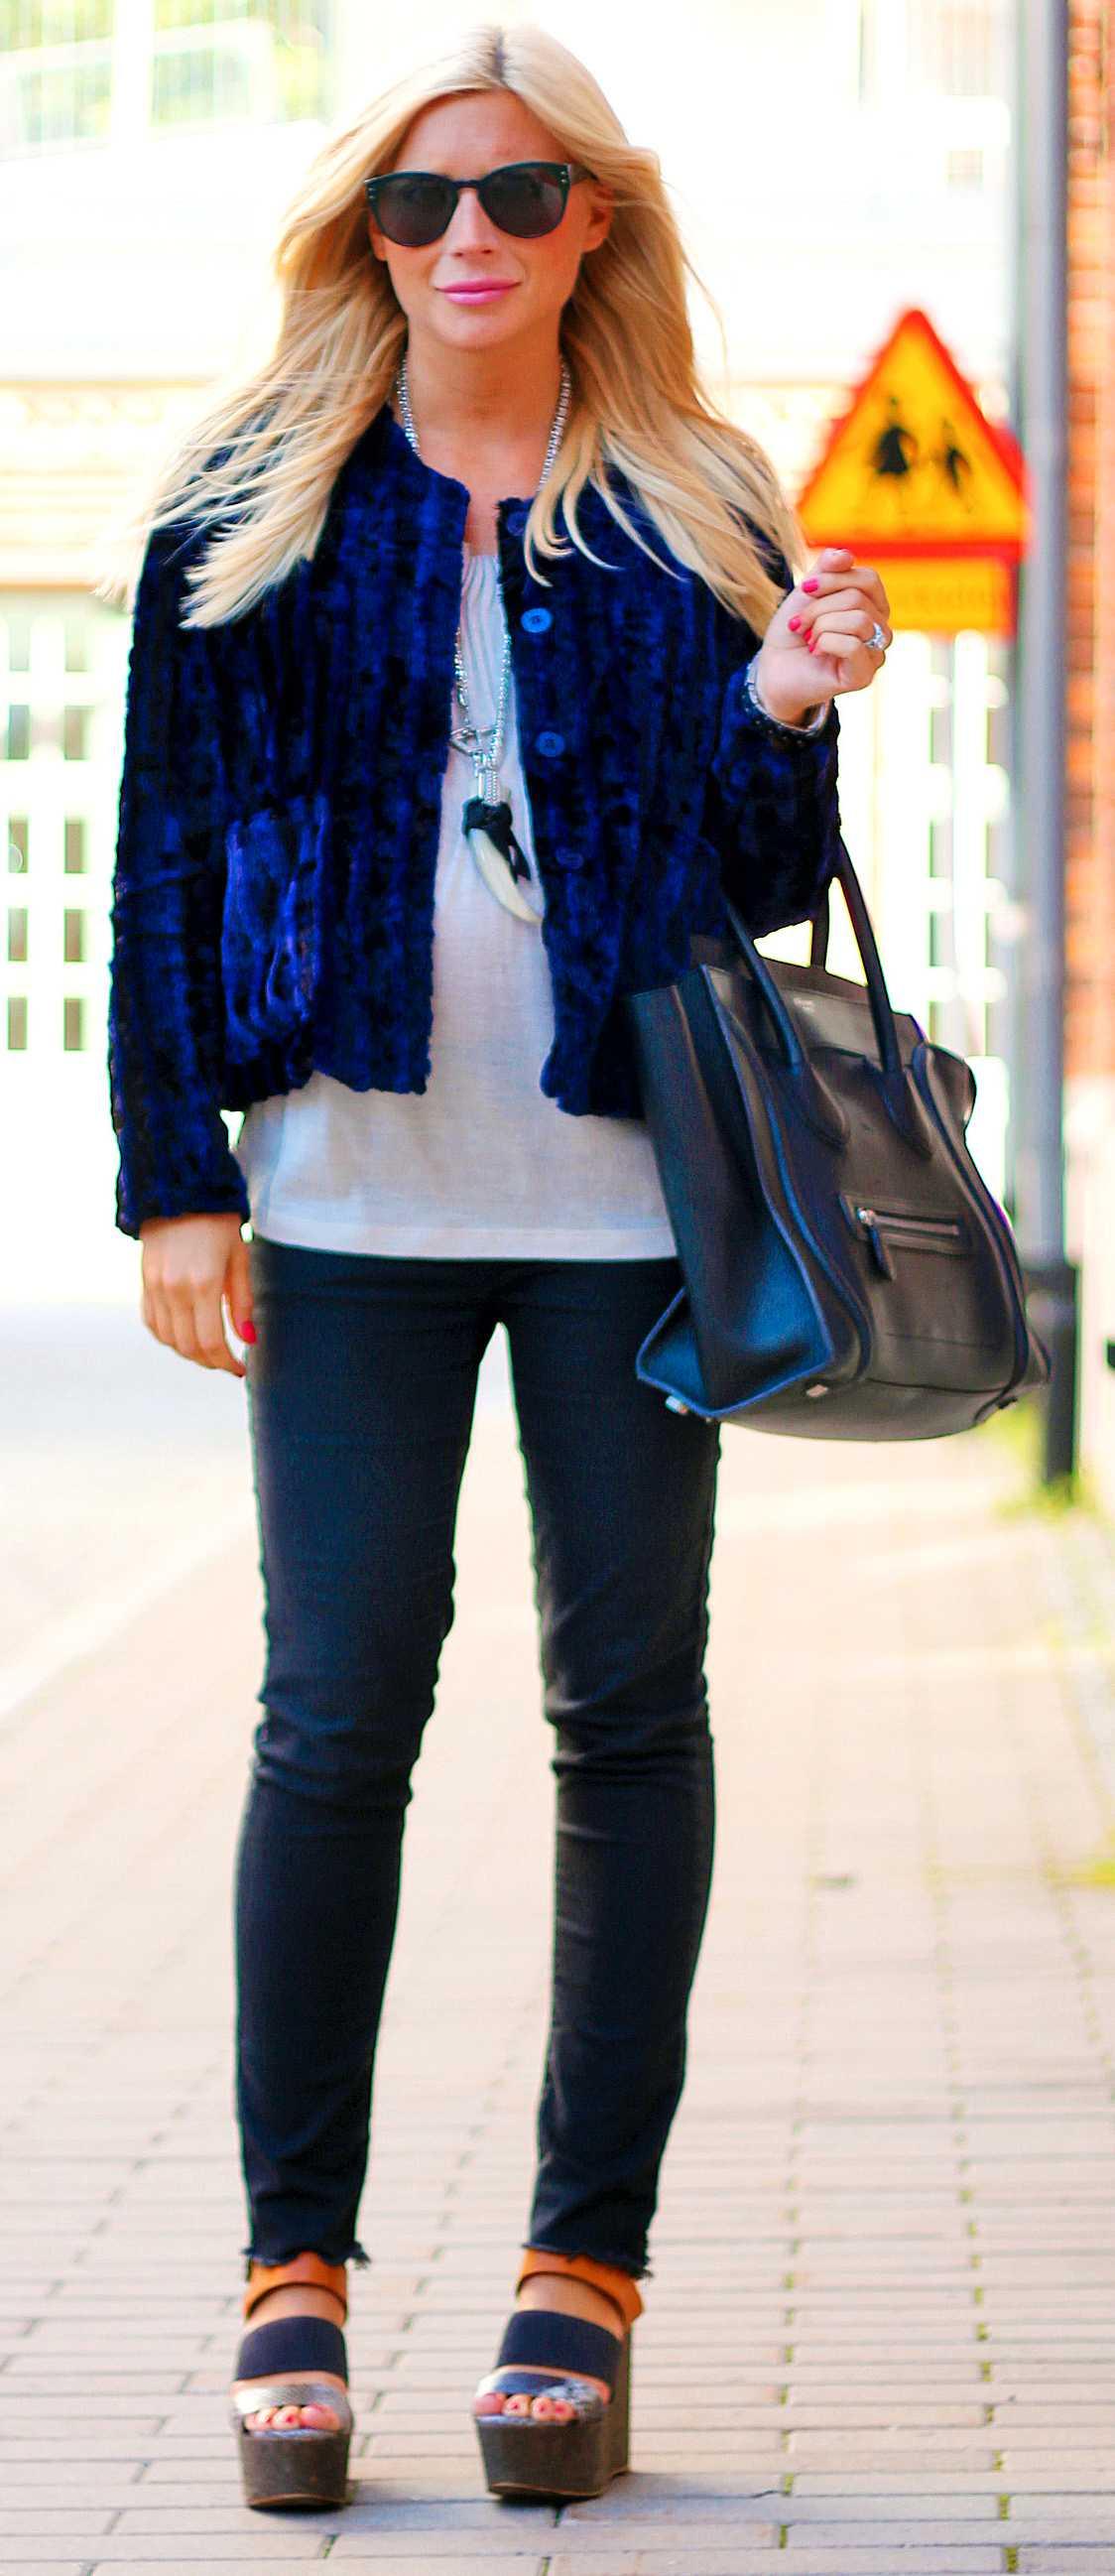 76c6cf4d0f17 Så klär sig modebloggarna i höst | Aftonbladet